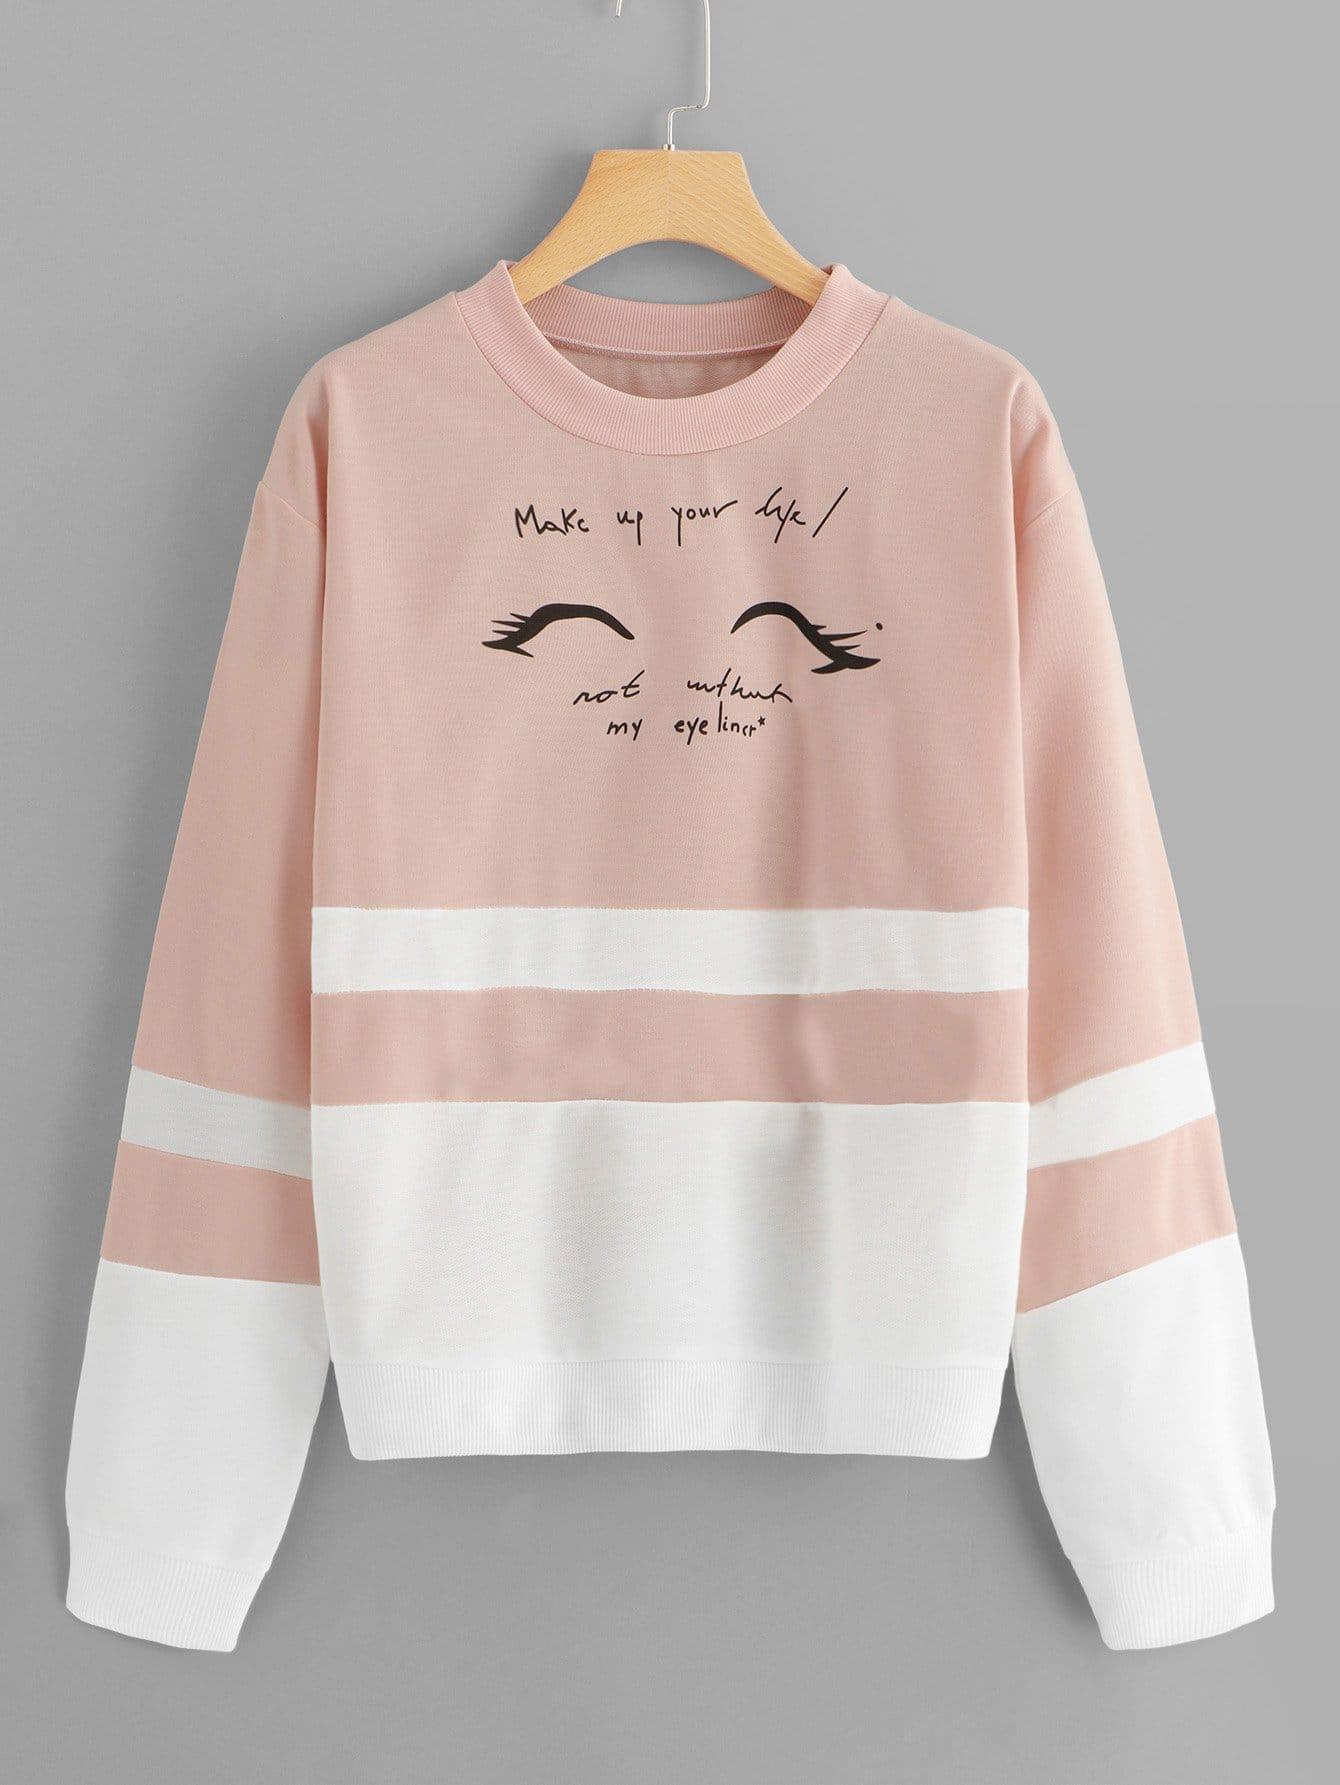 Купить Контрастный модный свитшот с текстовым принтом, null, SheIn